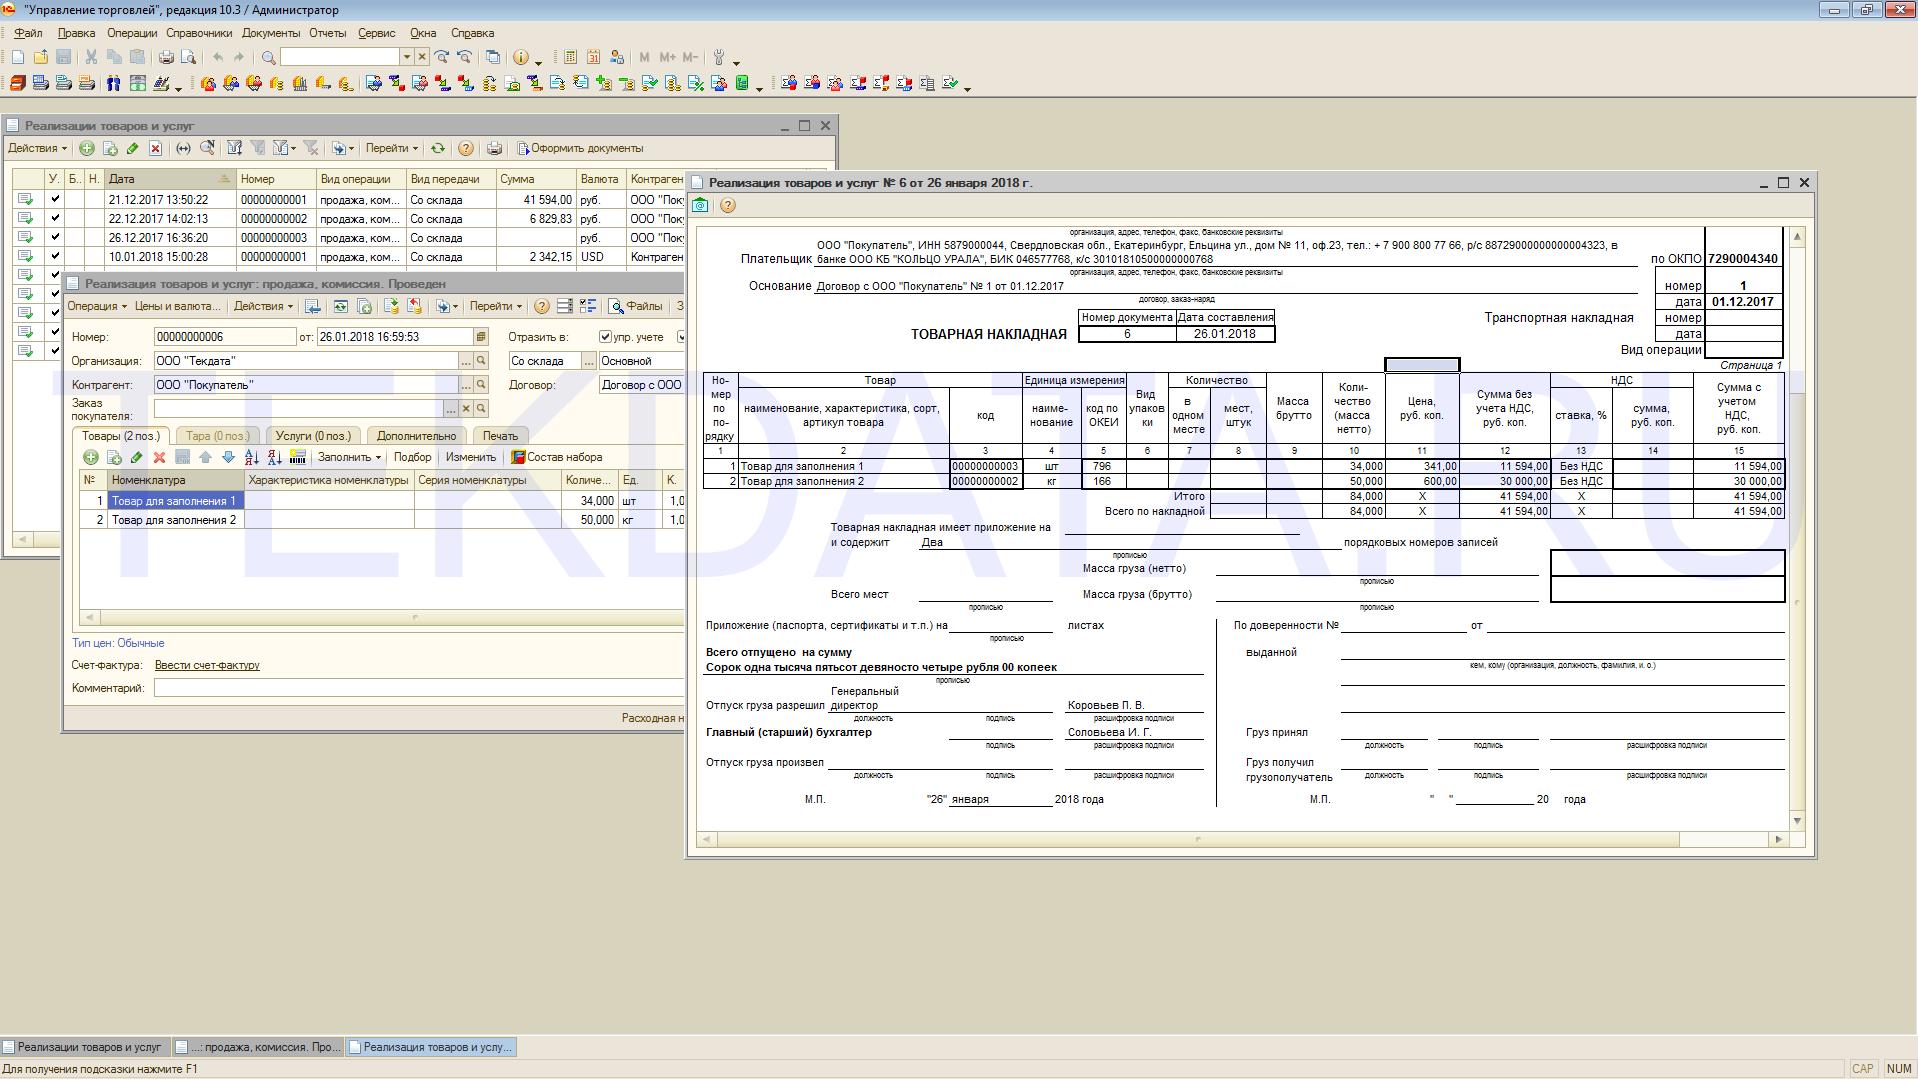 ТОРГ-12 для Реализации товаров и услуг 1С: Управление Торговлей 10.3 (Внешняя печатная форма)